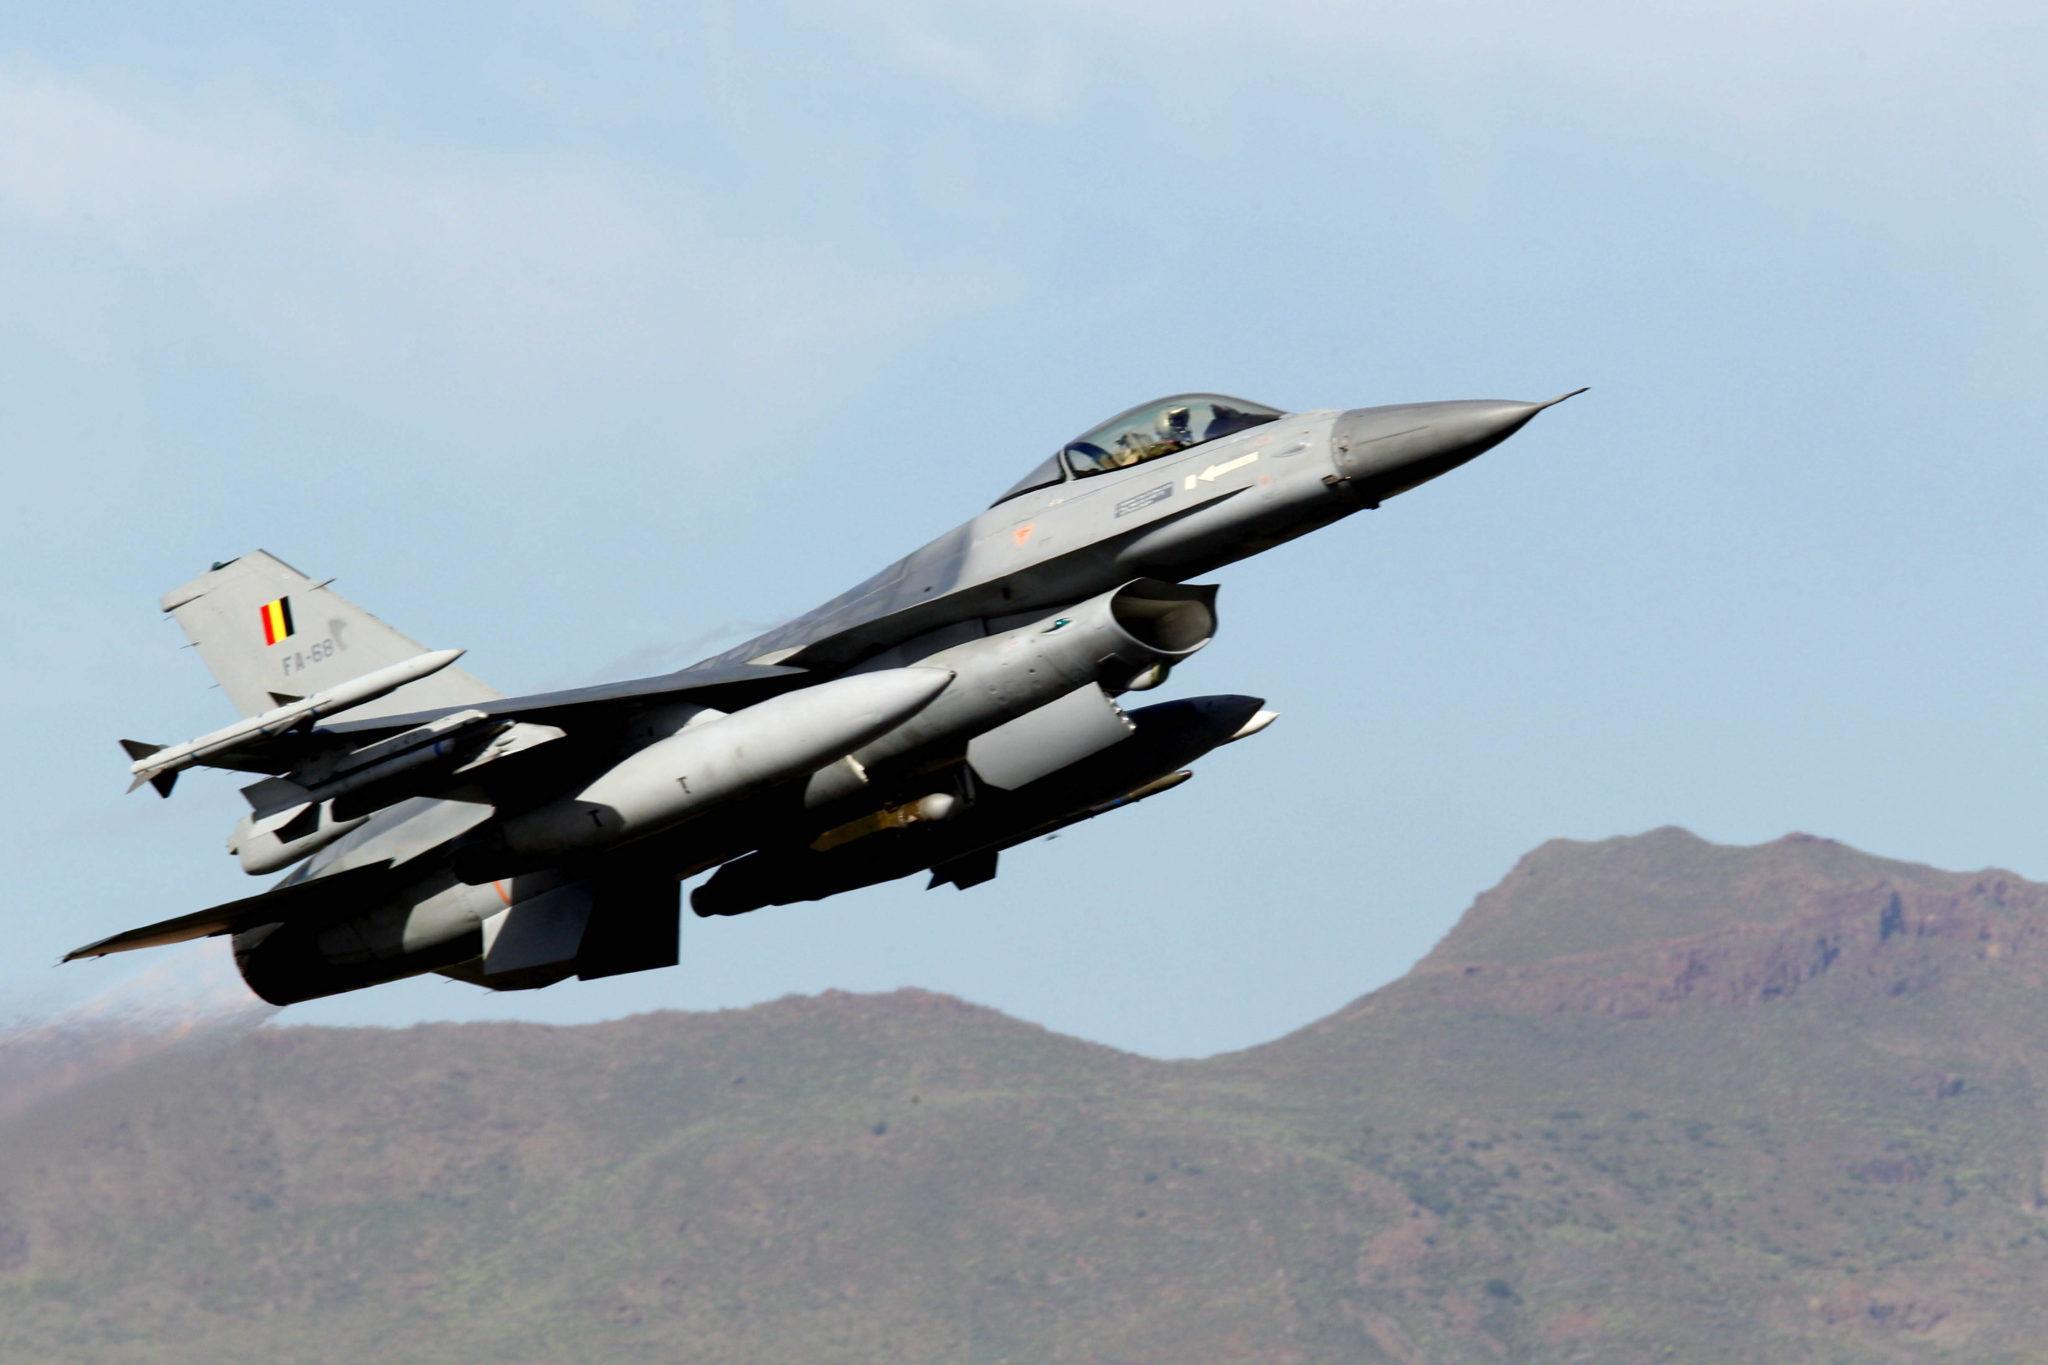 Francja: Belgijski F-16 rozbił się dziś we francji. Pilotom udało się szczęśliwie katapultować. fot. EPA/ELVIRA URQUIJO